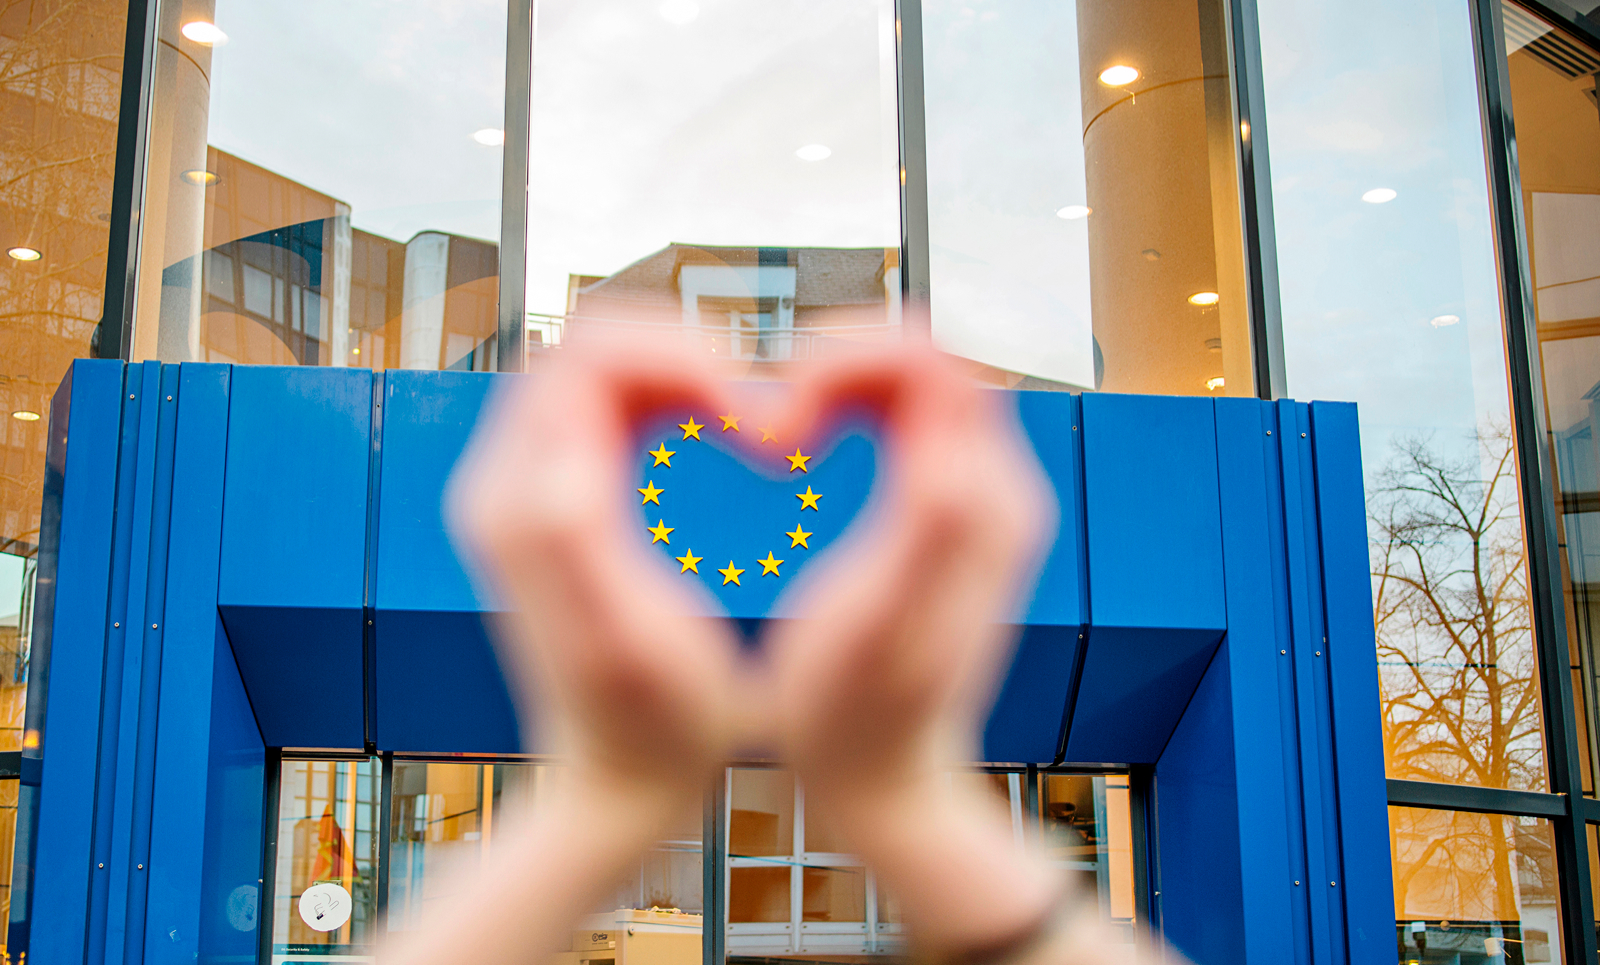 Zo wordt de Europese Unie weer geliefd